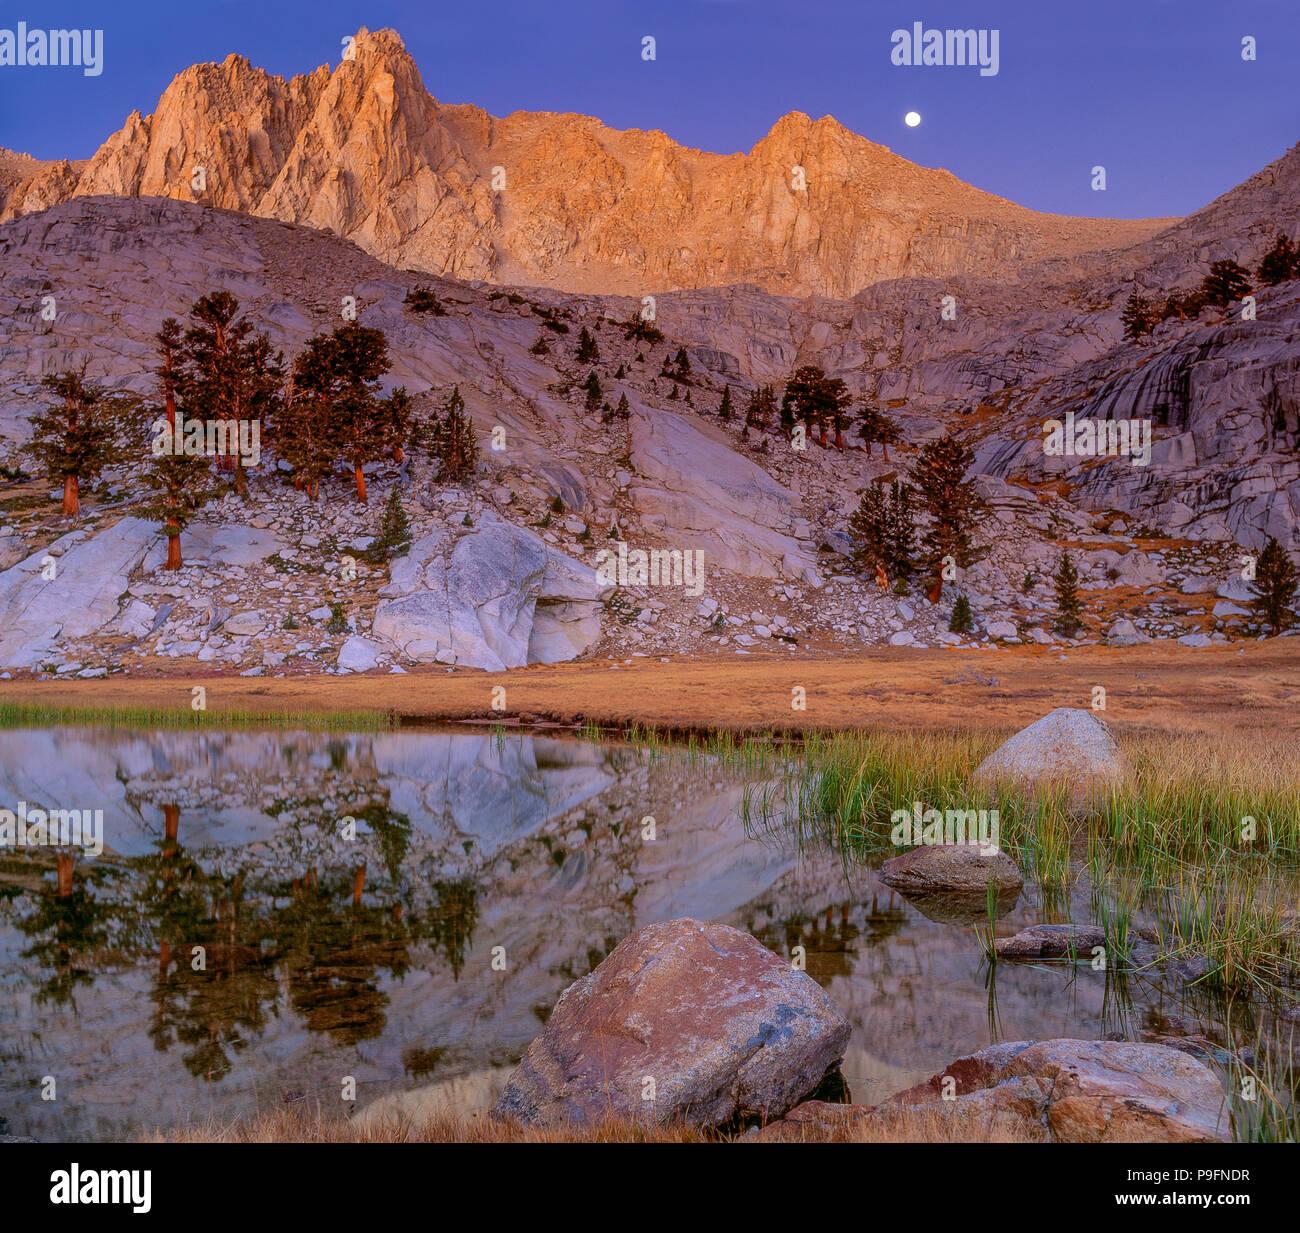 Moonset, Grass Lake, Meysan Trail, Meysan Lake, John Muir Wilderness, Inyo National Forest, Eastern Sierra, California - Stock Image